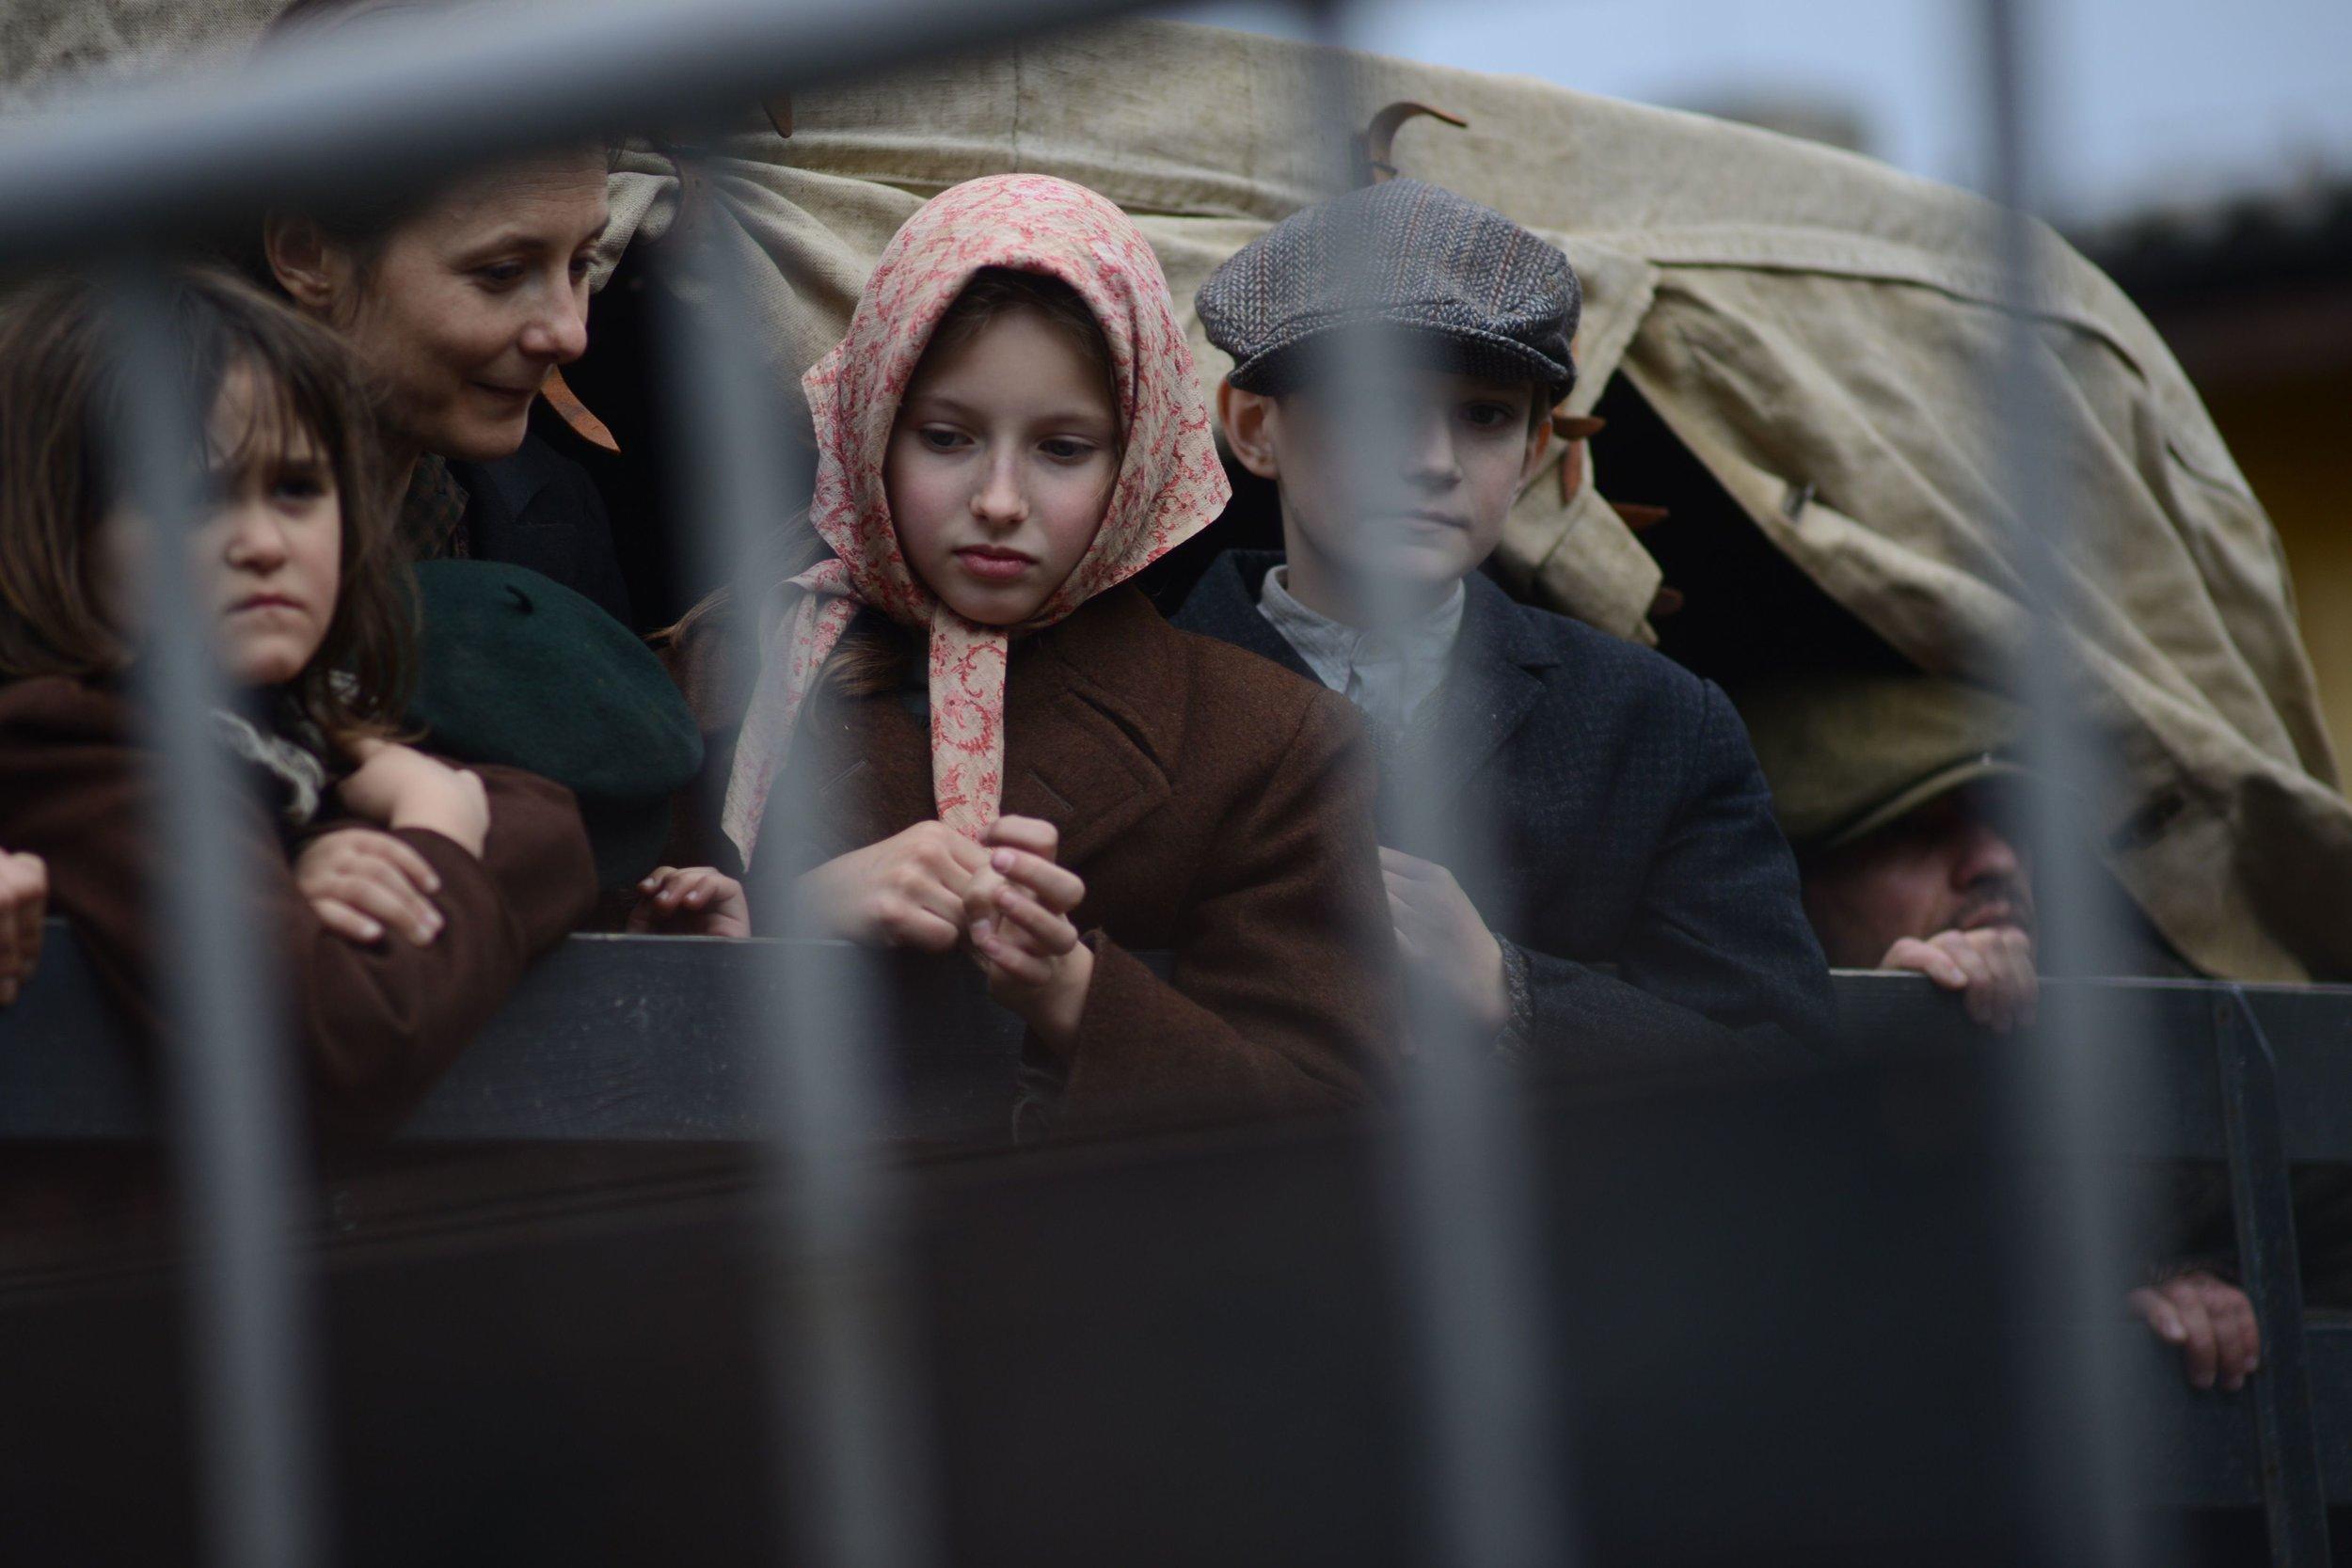 Od svitania až do tmy, v troch stupňoch Celzia, vetre a daždi stihol štáb celý nabitý program vrátane davových scén so židovskými utečencami.